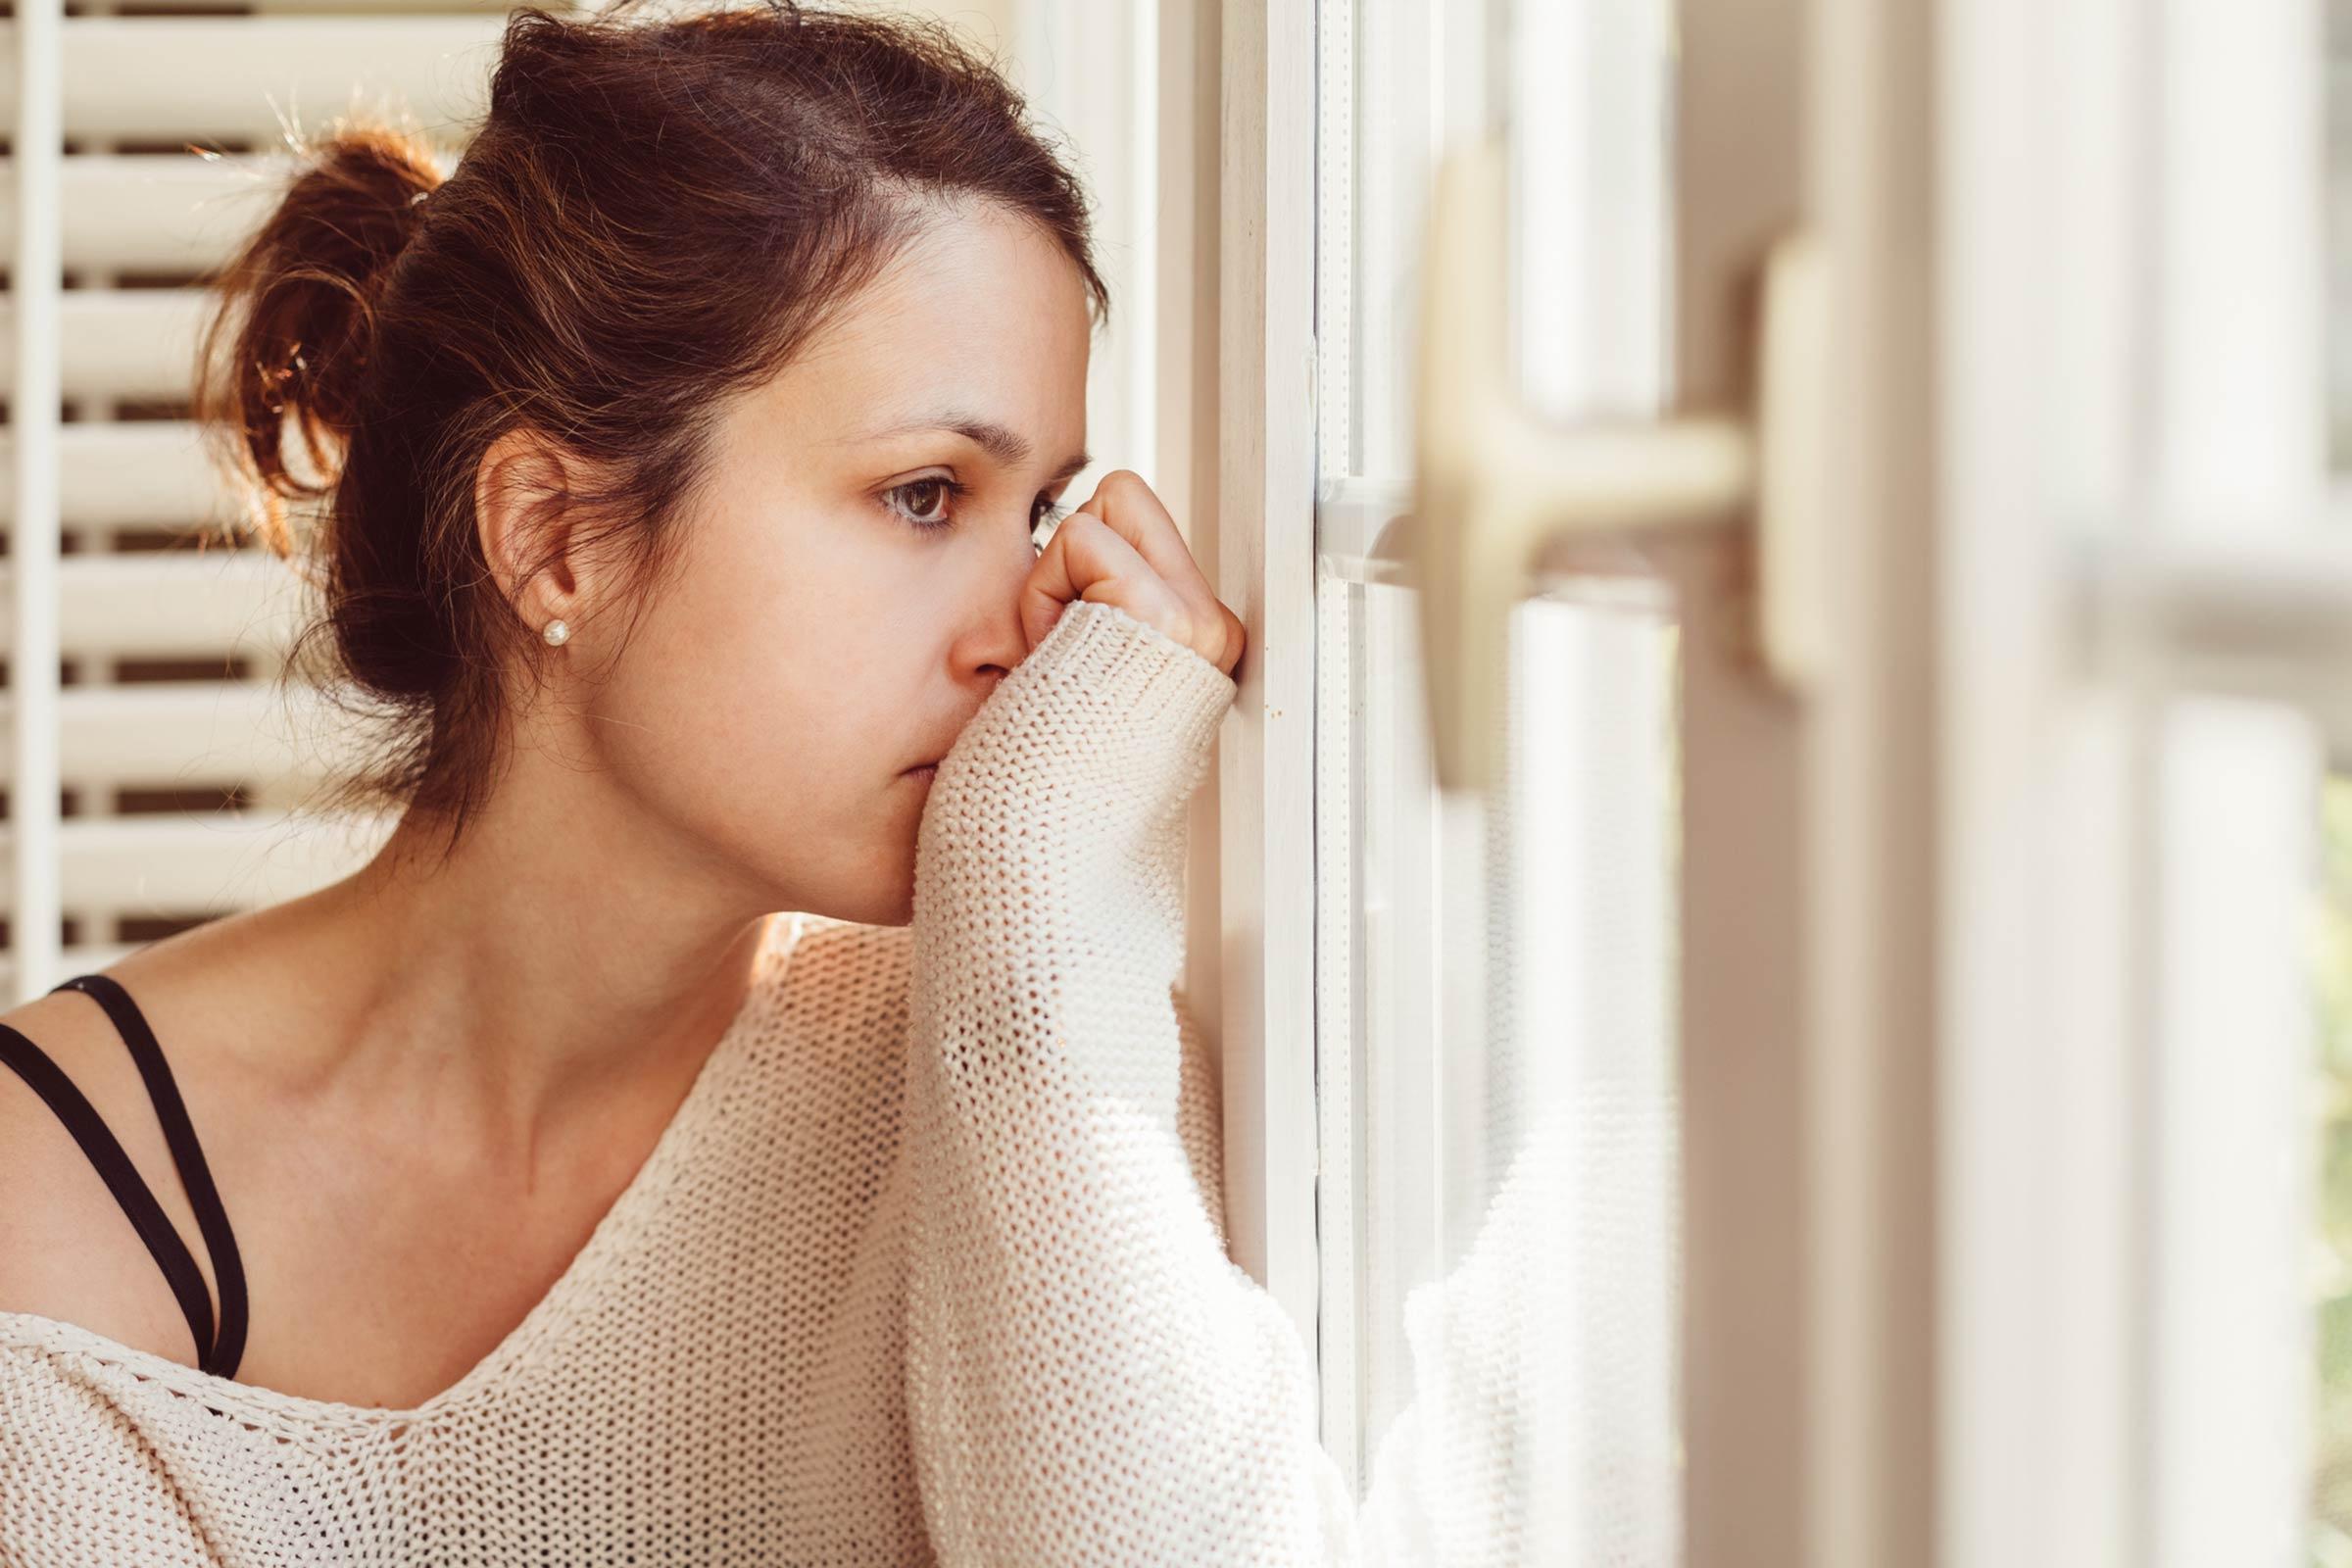 Uzmanından anksiyeteyle baş etmenizi sağlayacak öneriler #1